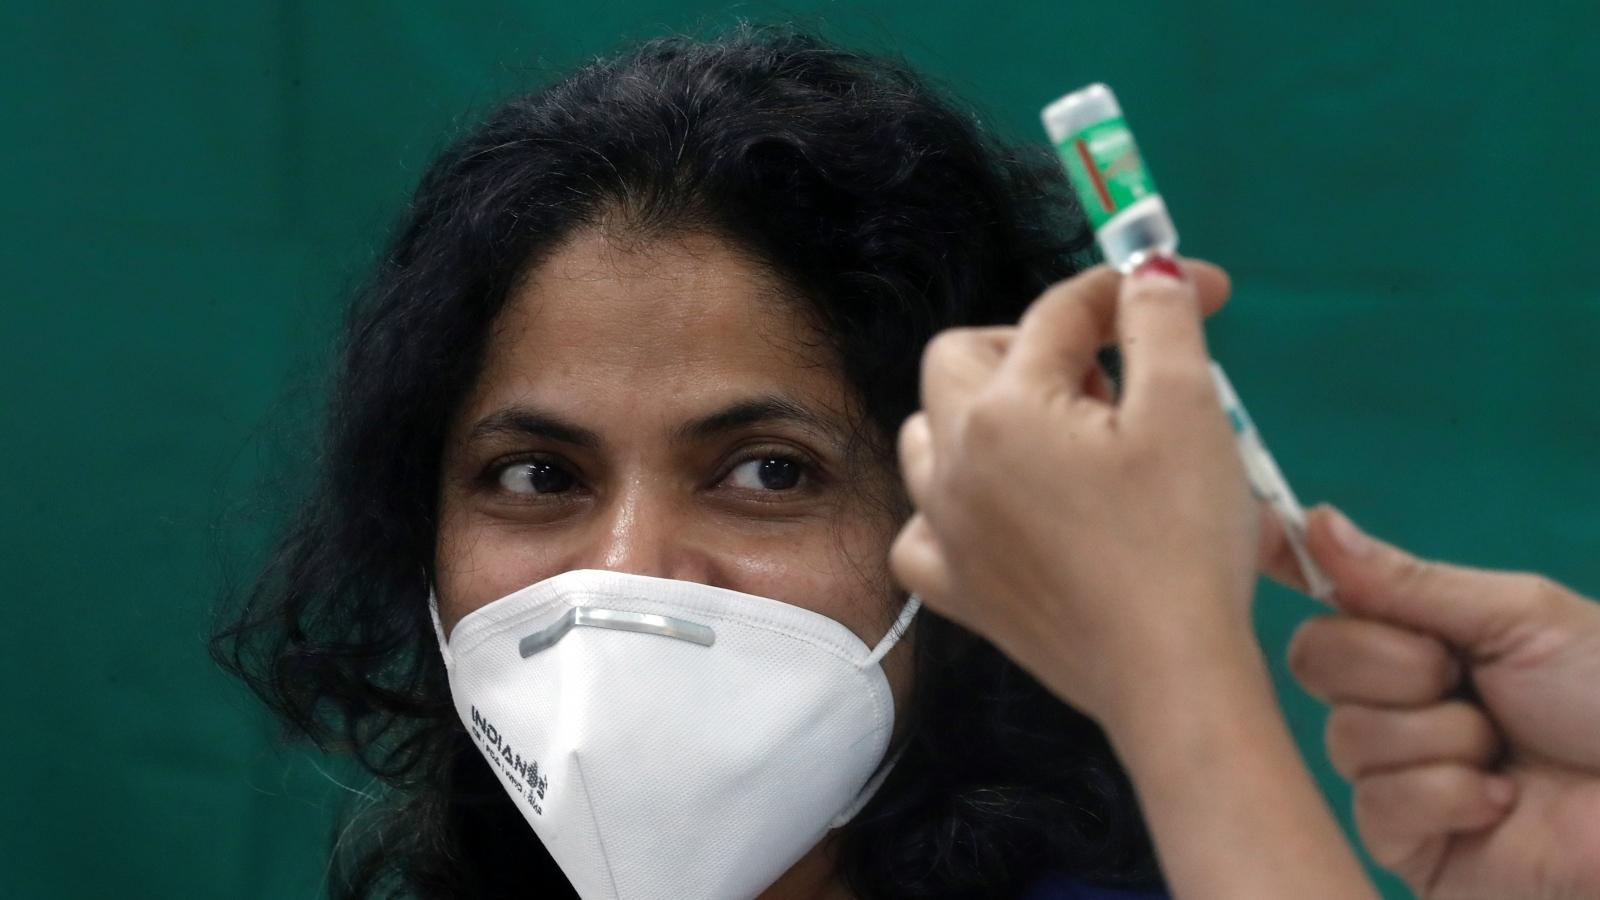 Ấn Độ công bố viện trợ vaccine Covid-19 cho 6 nước